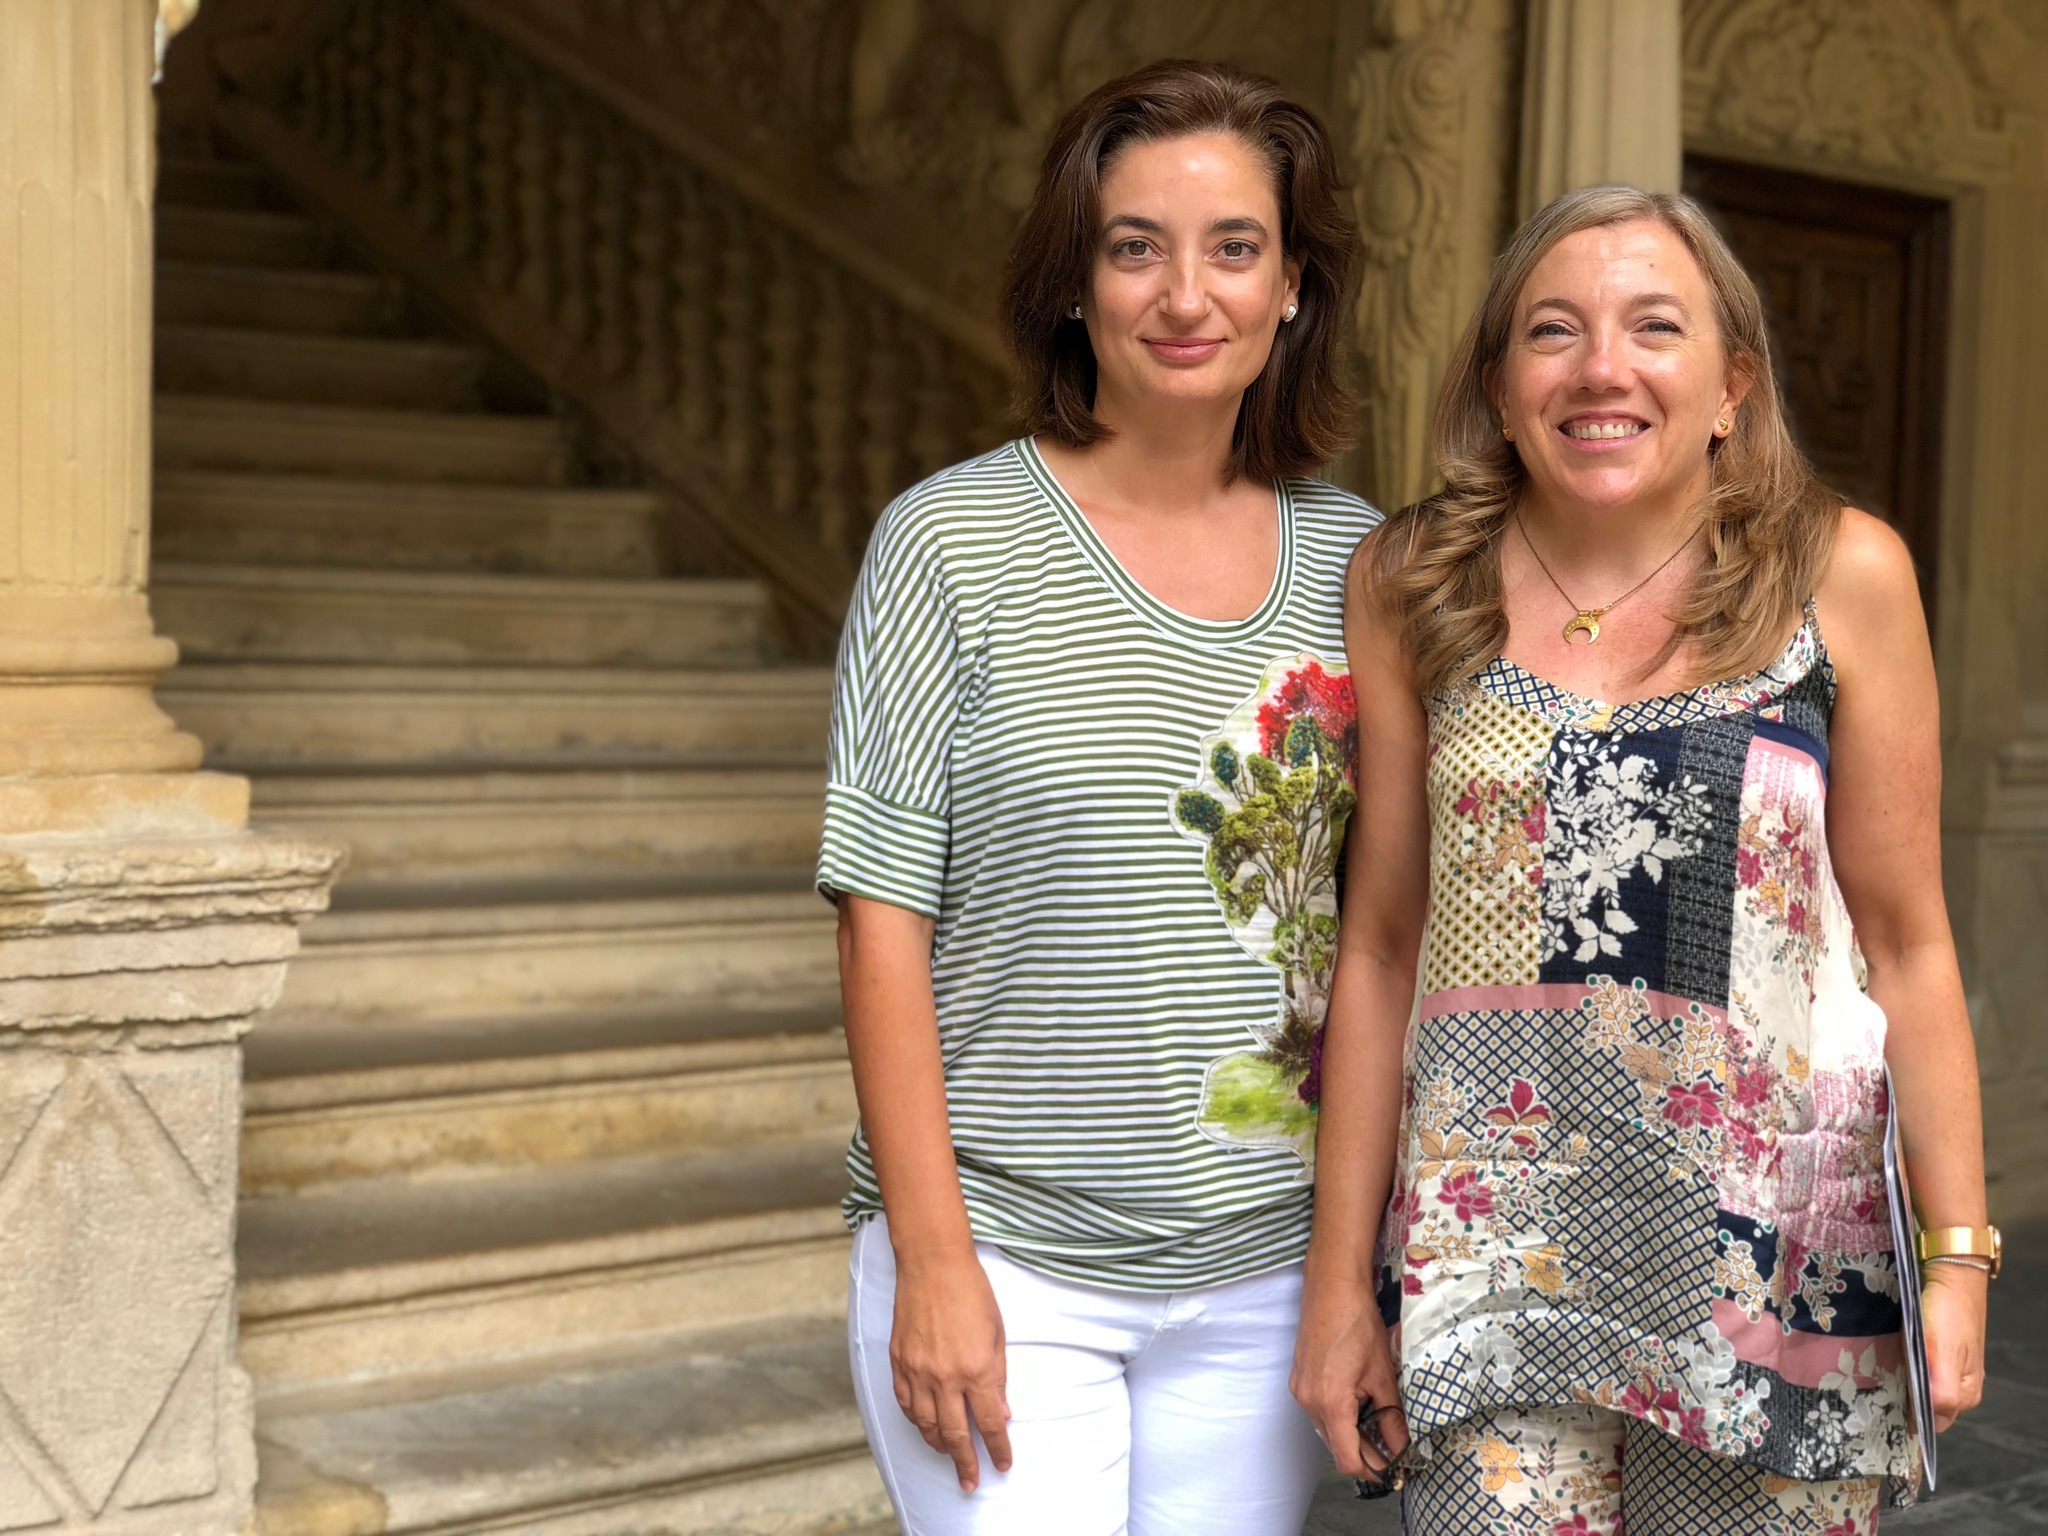 María Peinado y Eva Funes en la sede Antonio Machado de Baeza.